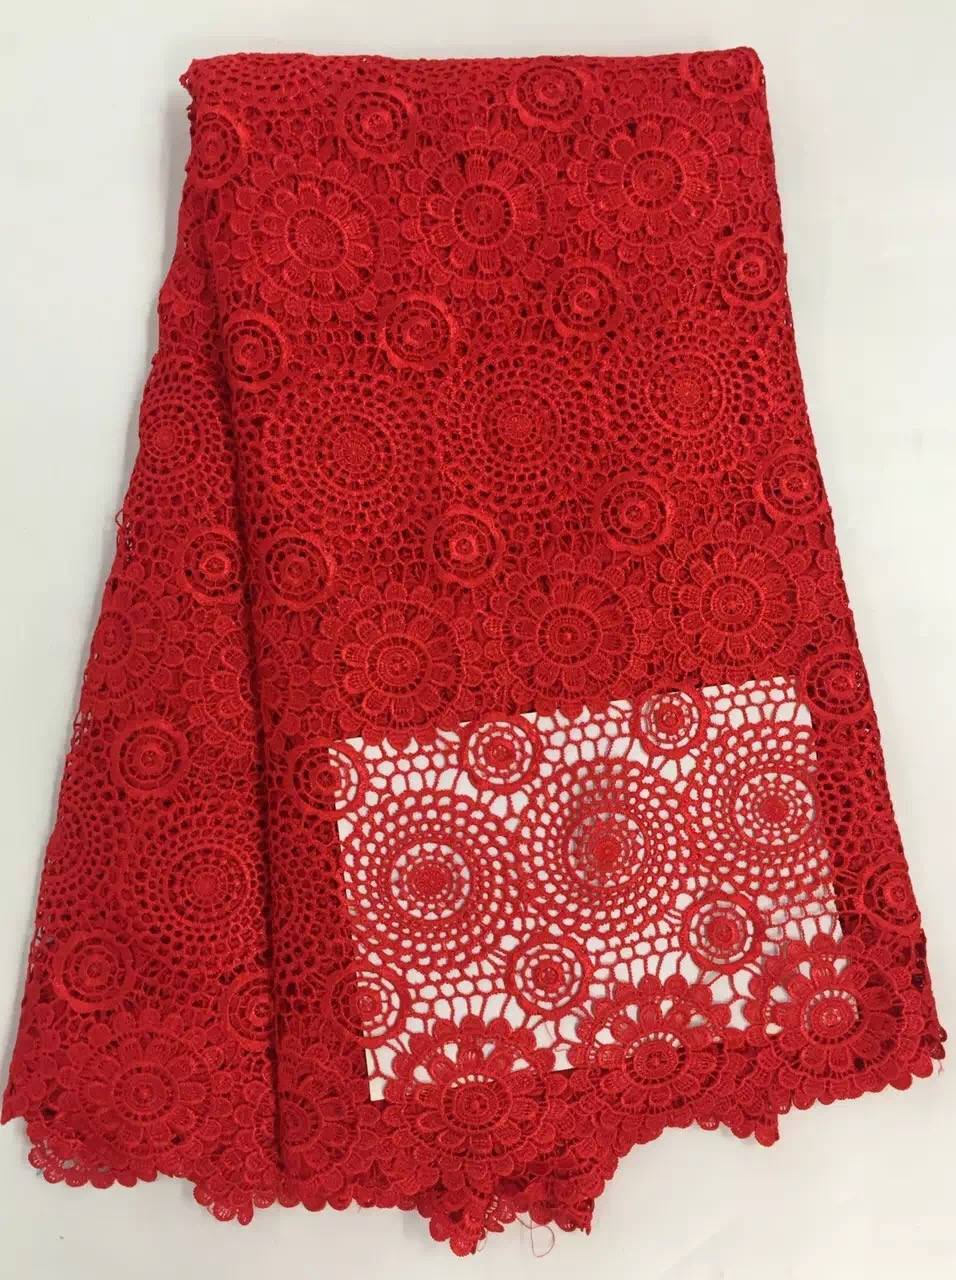 CW2023 Cordón de cordón de guipur nigeriano de poliéster africano - Artes, artesanía y costura - foto 1